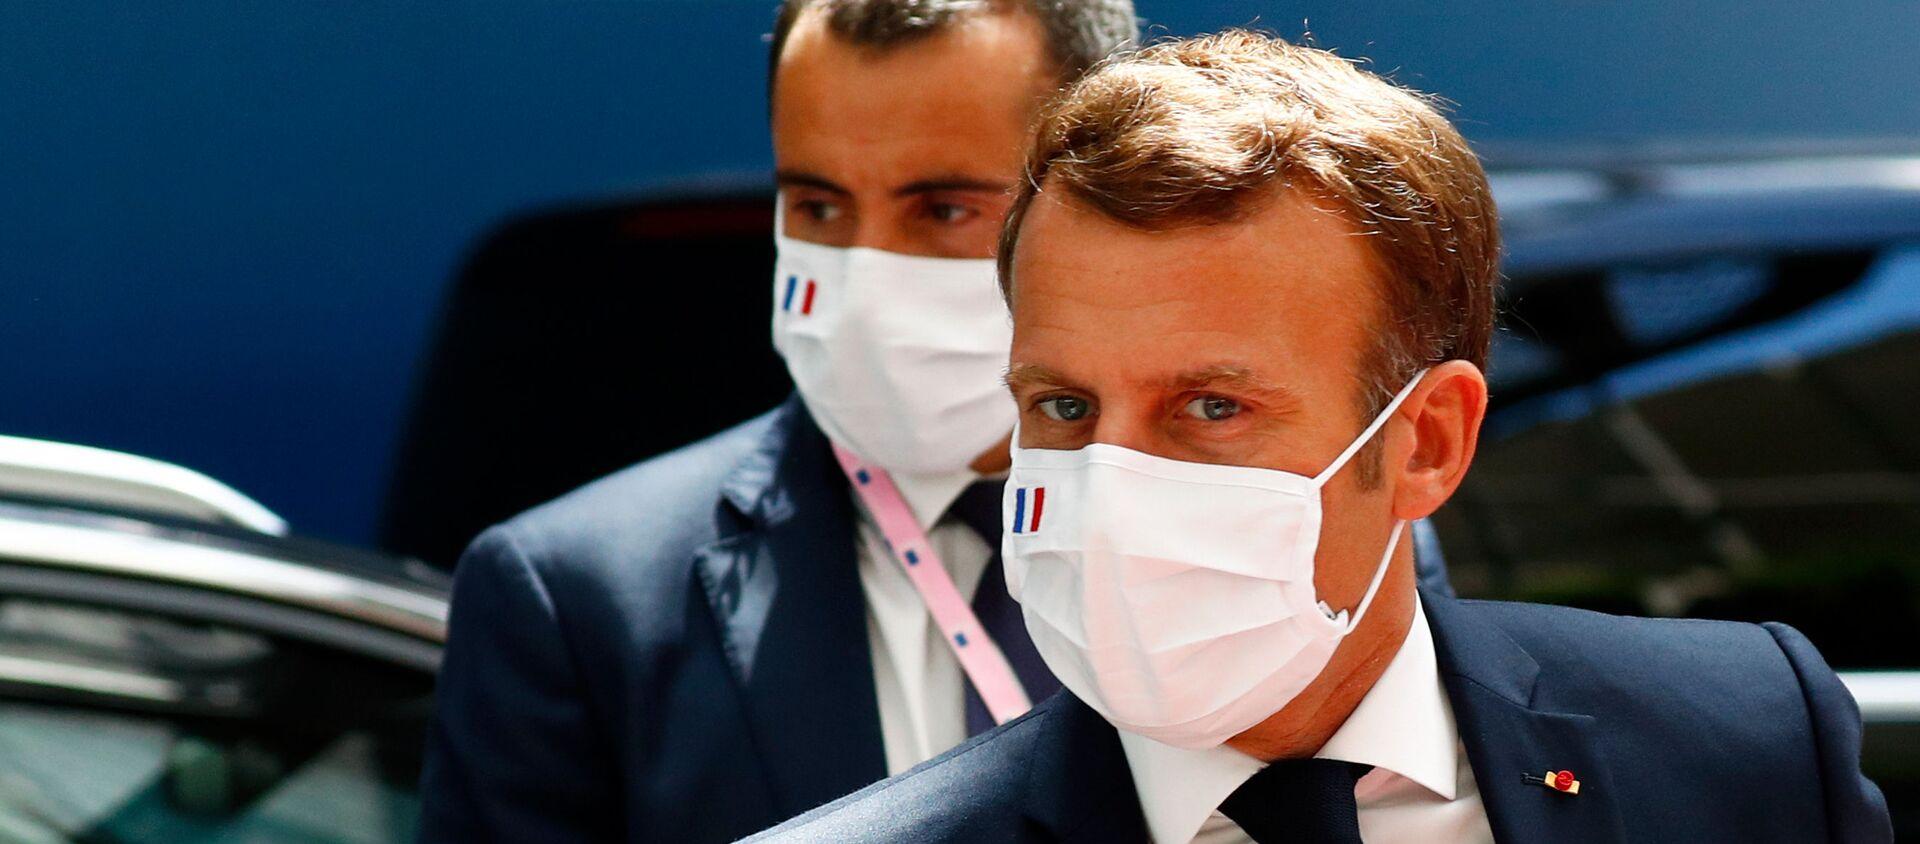 Emmanuel Macron à Bruxelles pour le Conseil européen, 20 juillet 2020 - Sputnik France, 1920, 28.07.2020